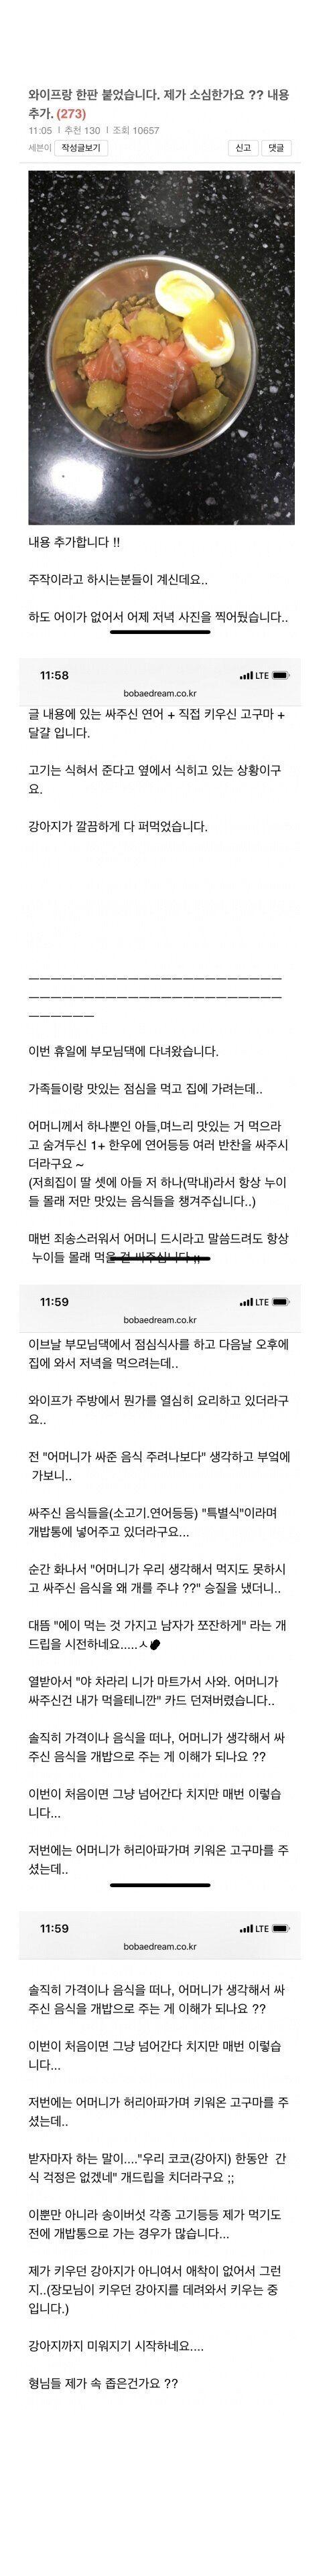 와이프 한판 내용 추가 추천 조회 세븐 작성 보기 신고 댓글 내용 추가 주작 어이 어제